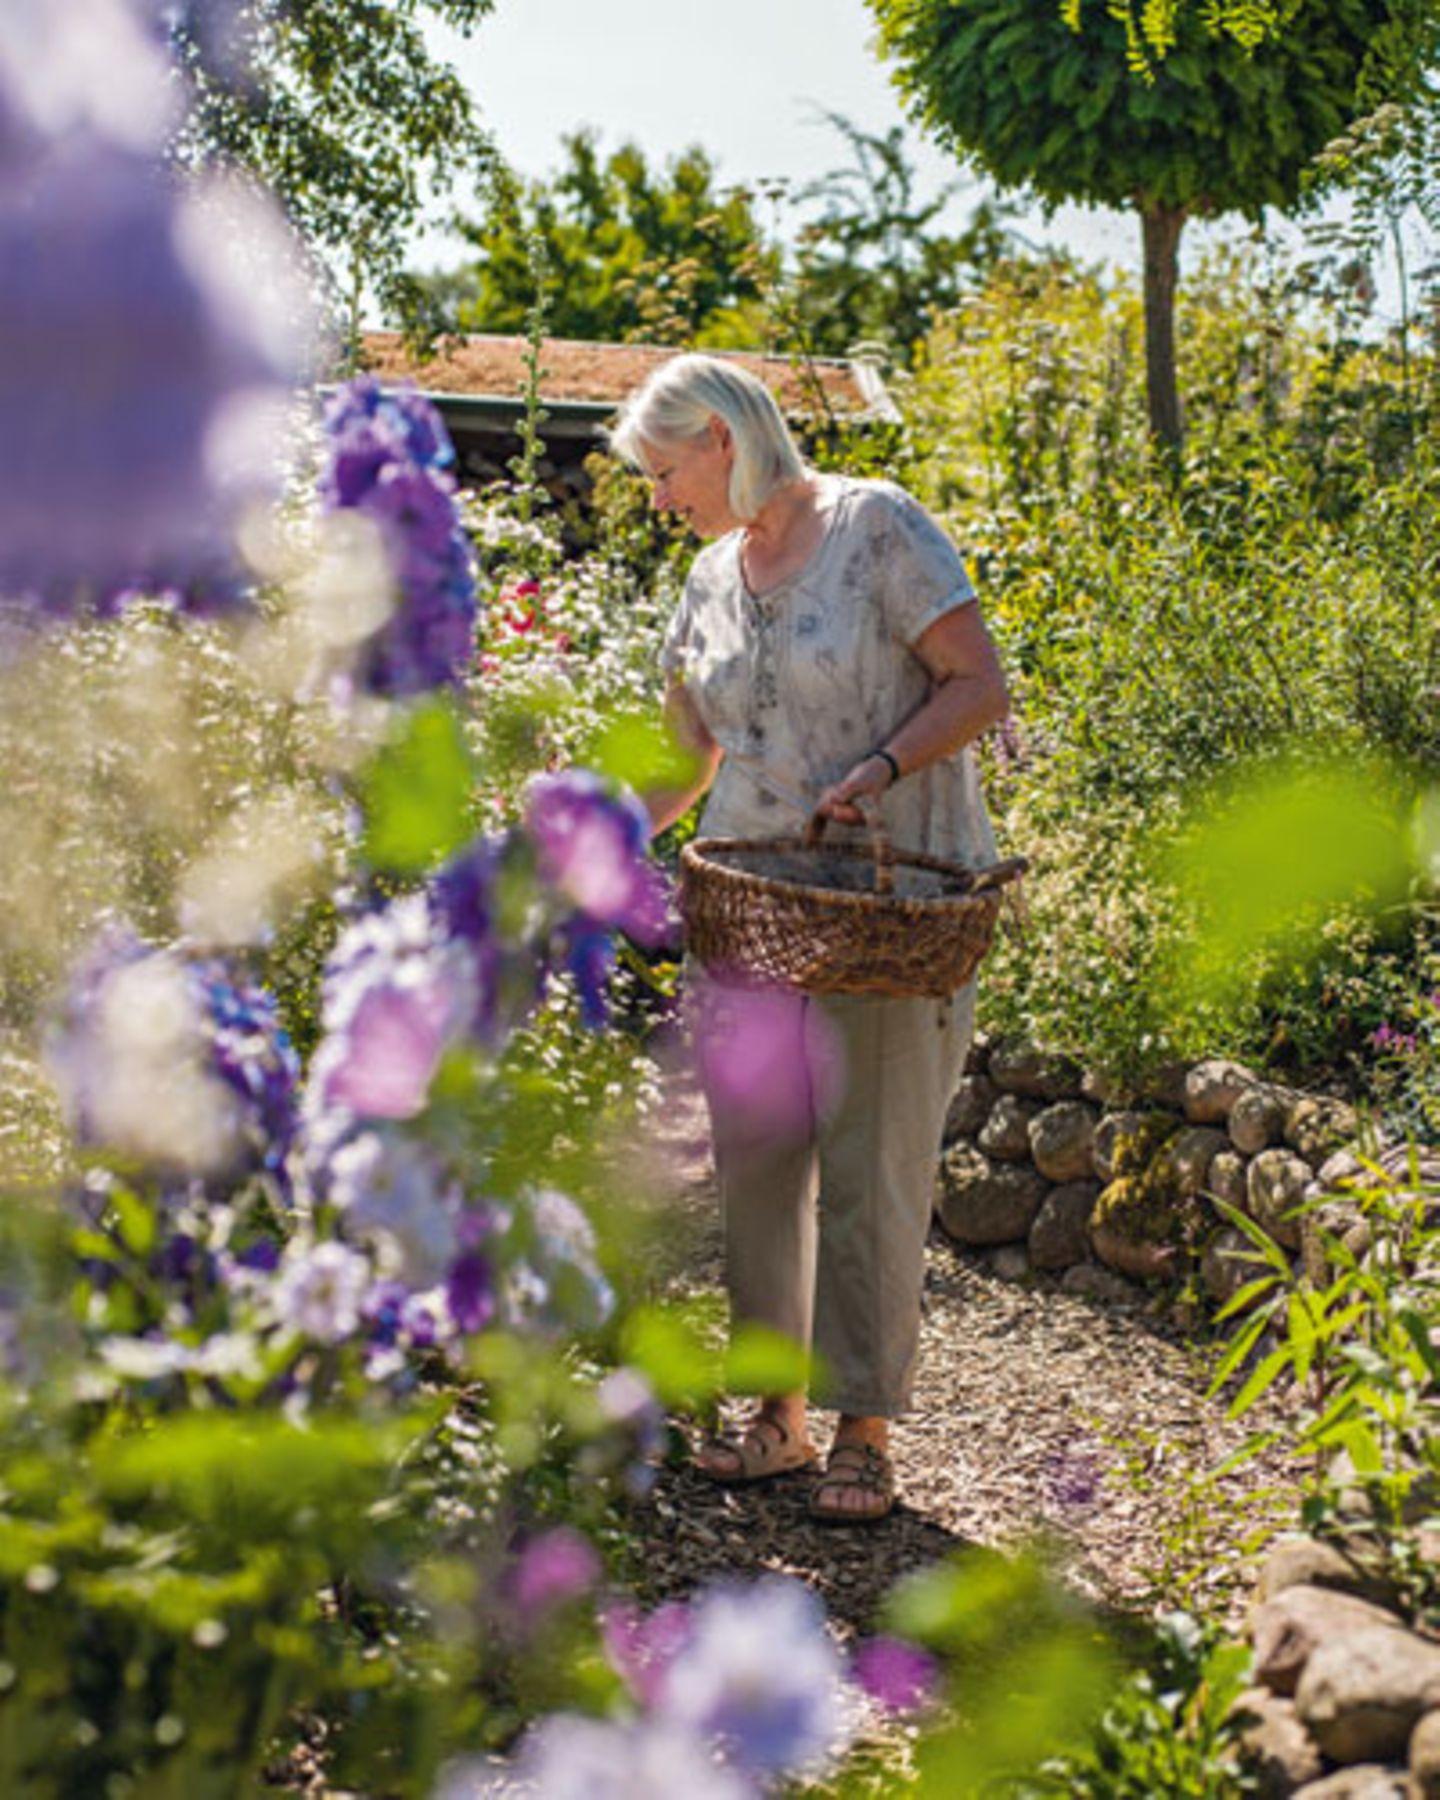 """Trompetenbäume und Scheinakazie bilden mit ihren kugeligen Kronen das """"Gerüst"""" in der Architektur des Gartens"""